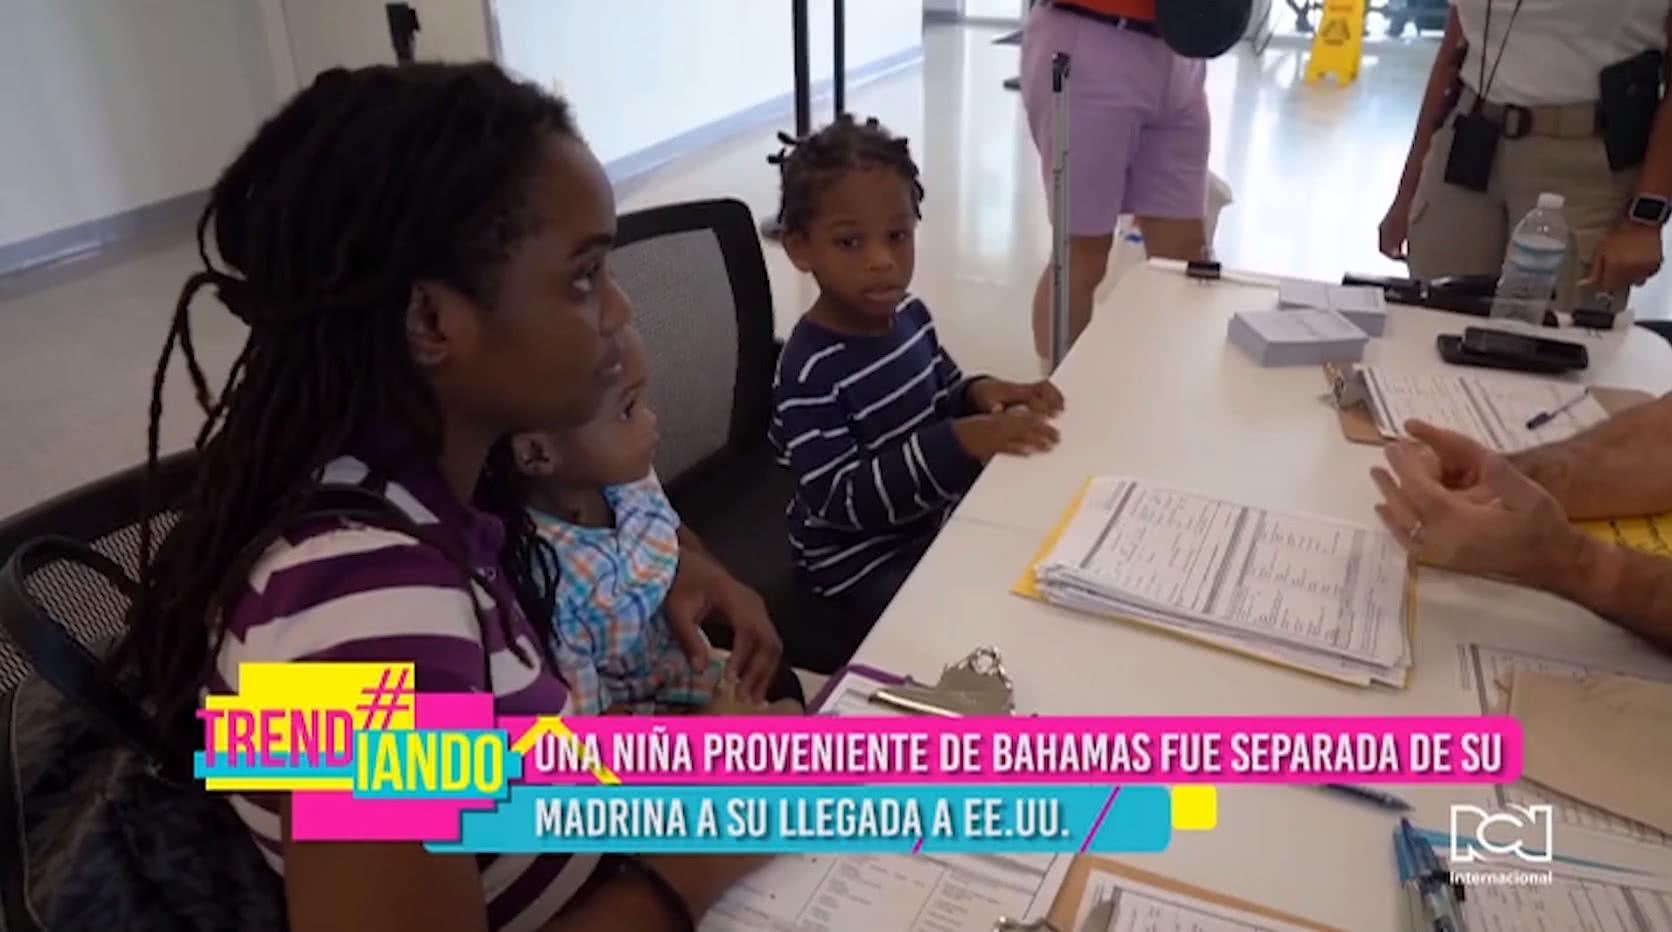 Distrito escolar de Palm Beach abre las puertas de sus escuelas a los niños afectados por el huracán Dorian en Bahamas